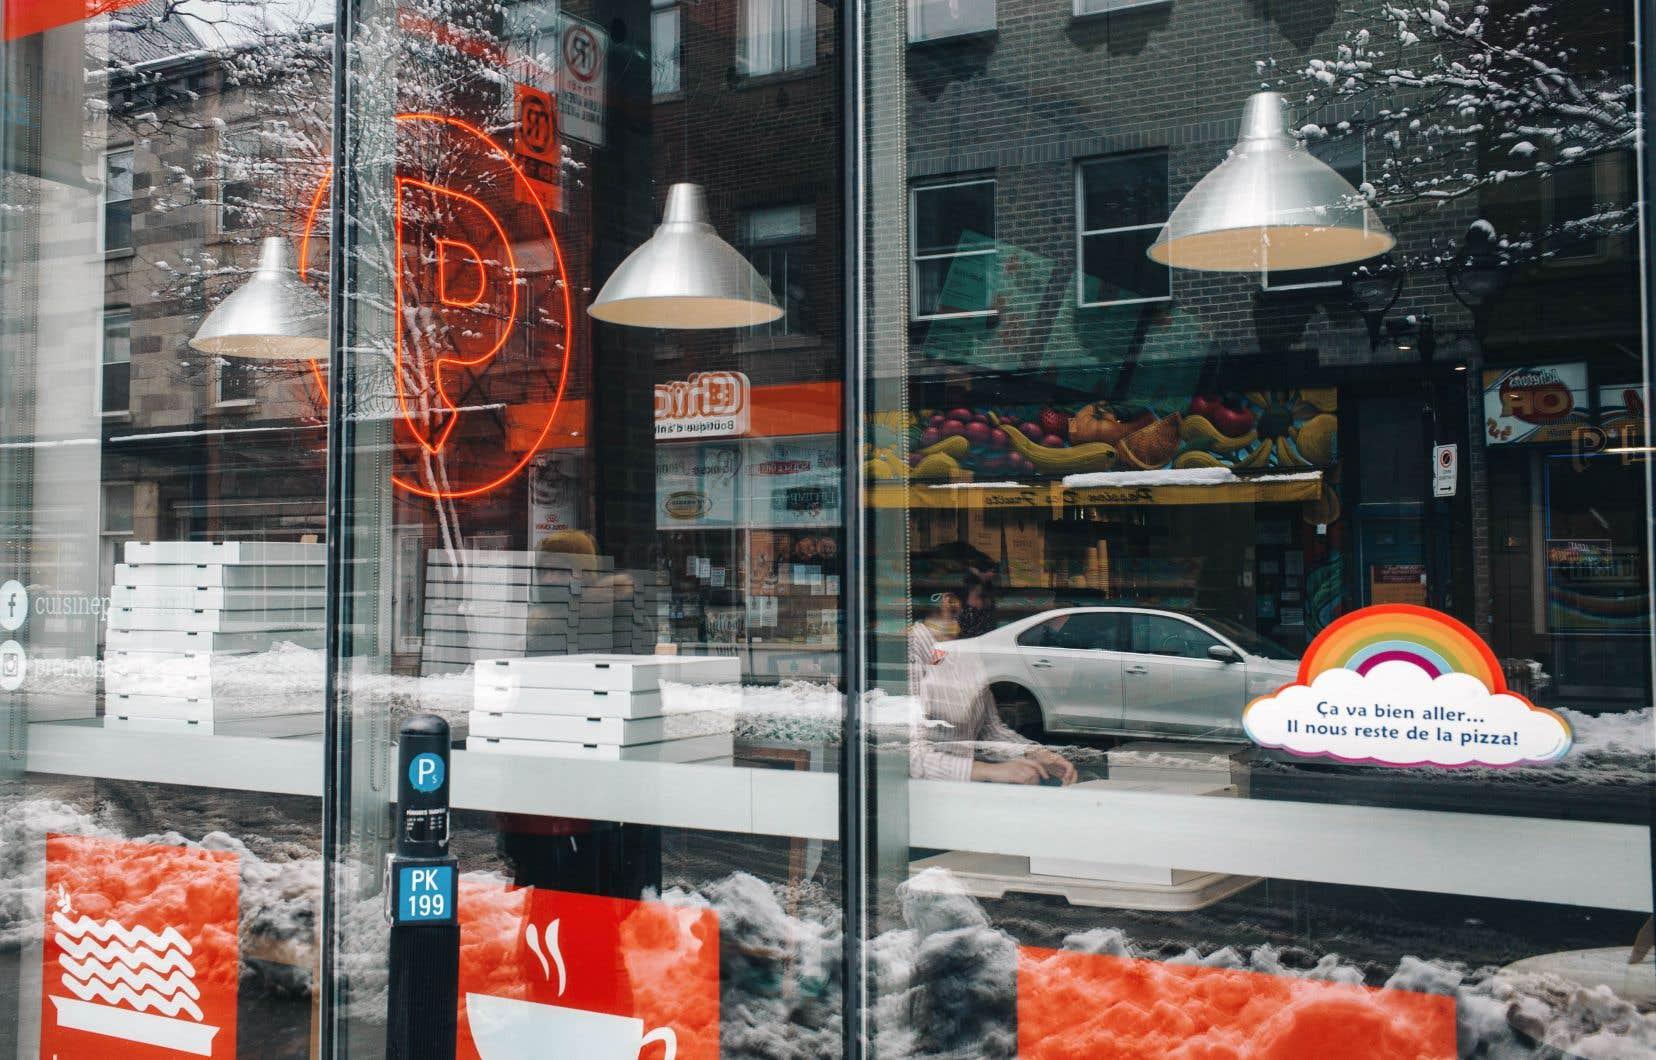 Les propriétaires d'entreprises ayant été contraintes à une pause forcée, dont plusieurs restaurants, auront droit à une aide de Québec pour leur redémarrage.